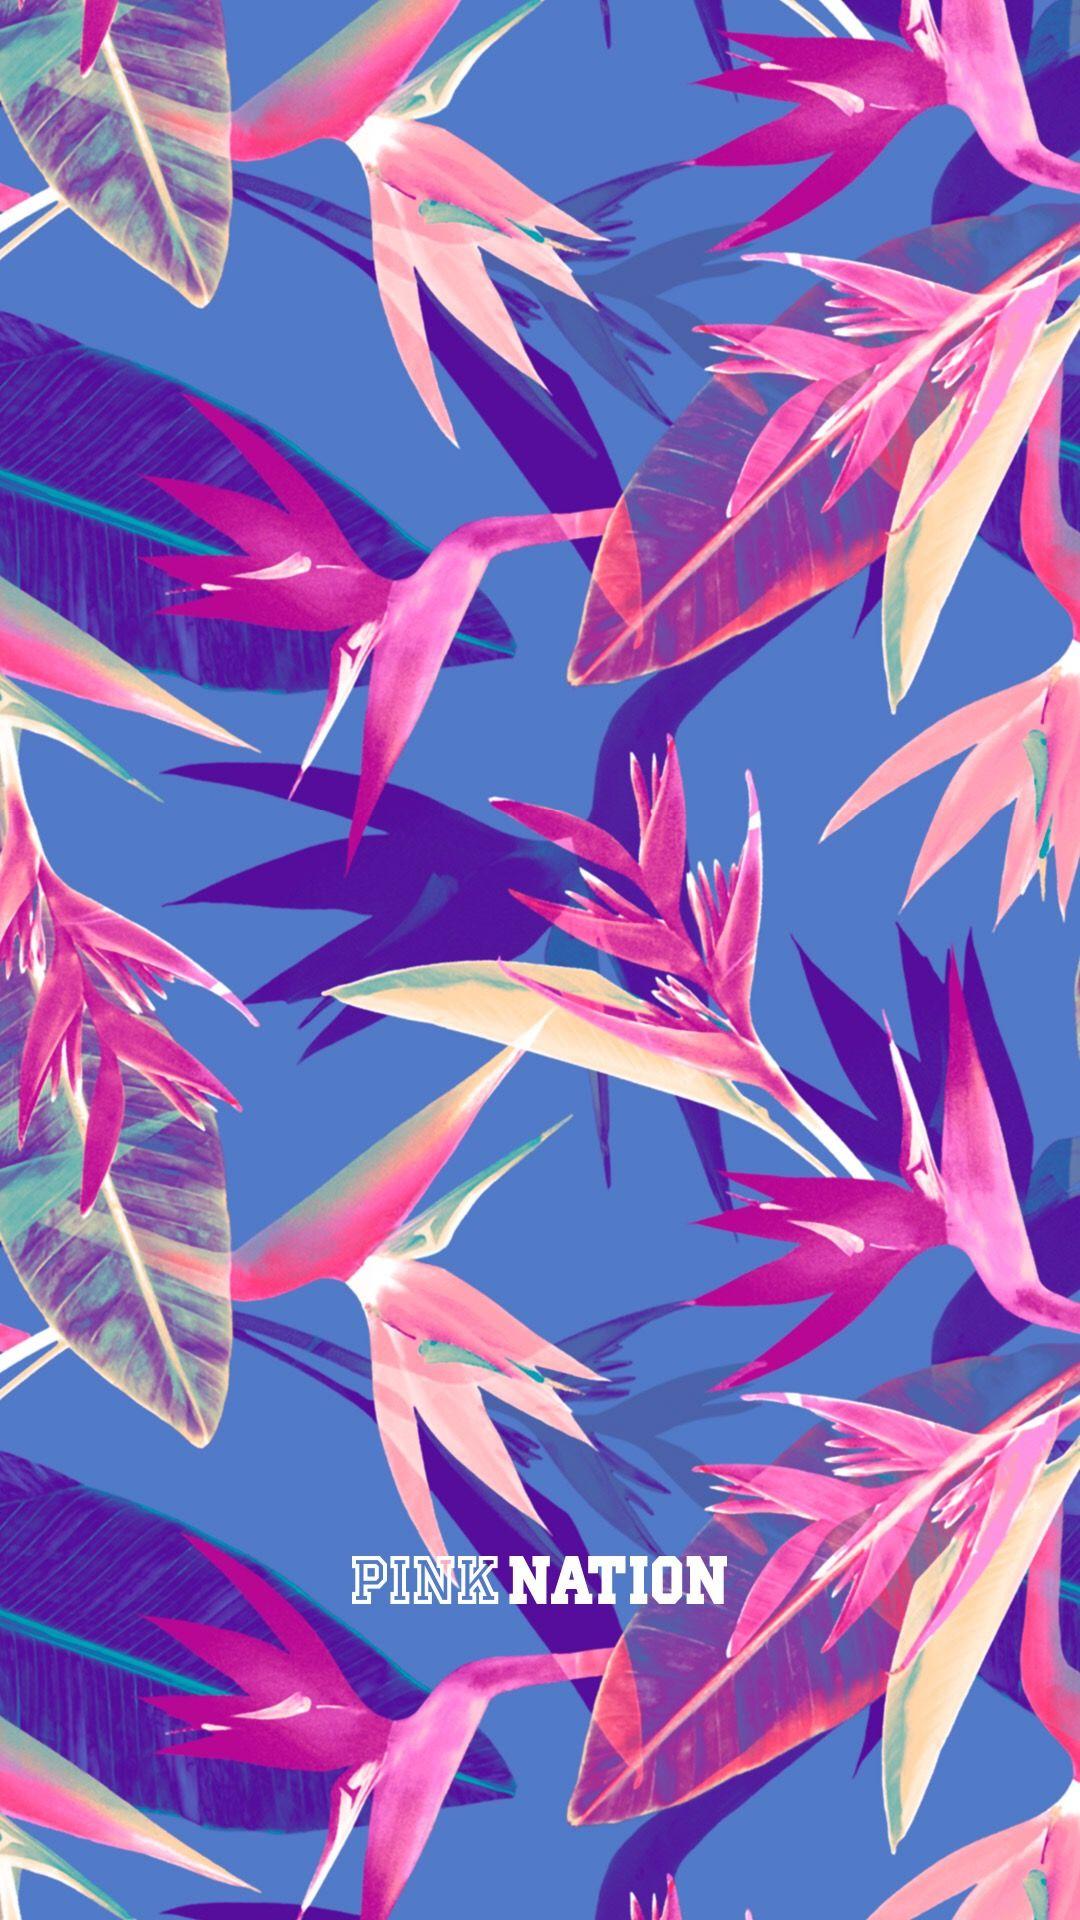 Victoria S Secret Pink Wallpaper Pinklipswallpaper Pink Nation Wallpaper Pink Wallpaper Iphone Victoria Secret Pink Wallpaper